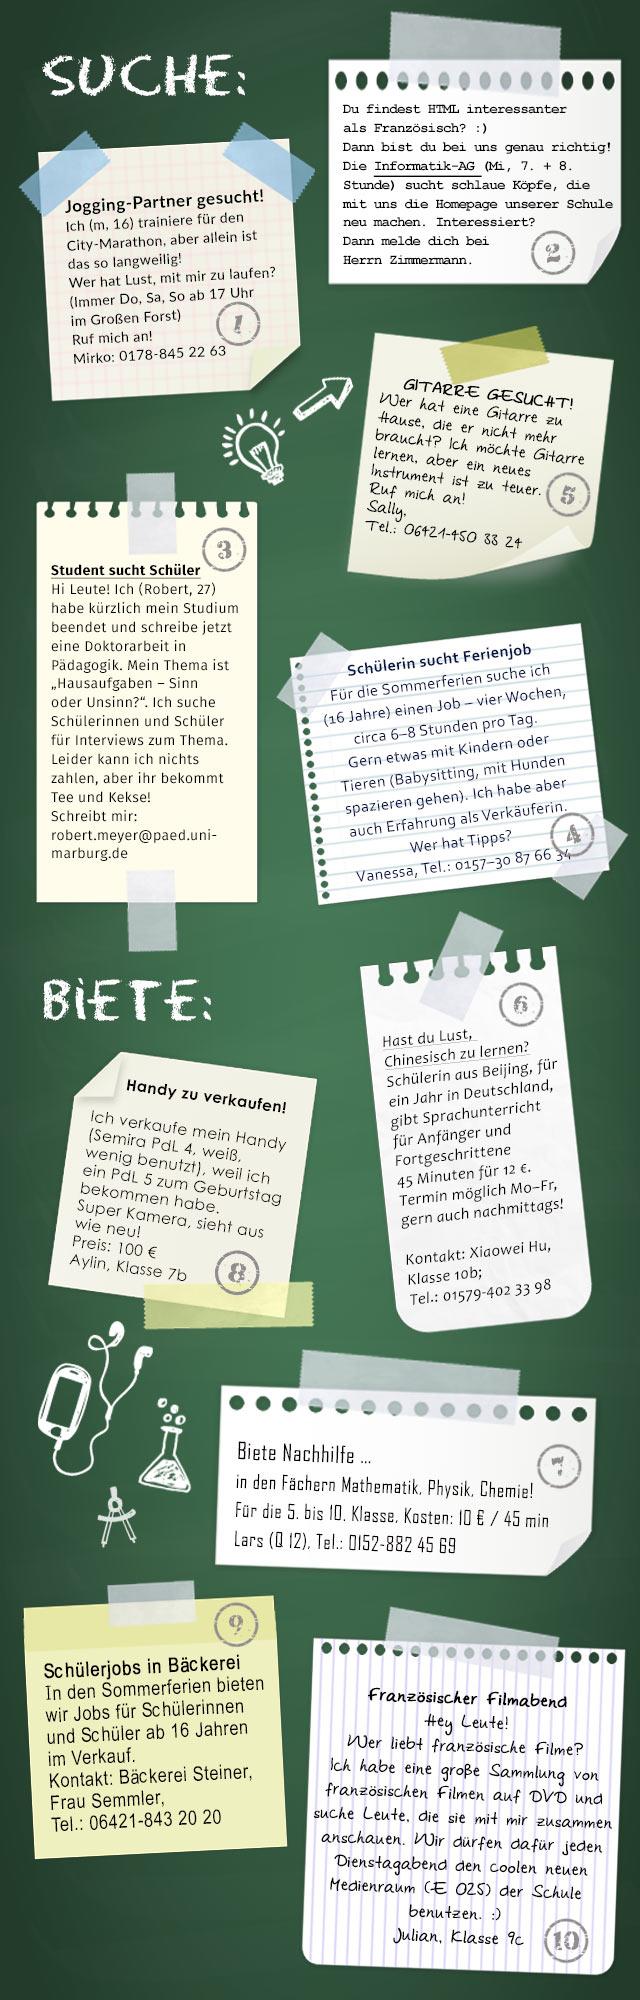 Startseite - Suche …/biete … – Anzeigen am Schwarzen Brett - Schulen ...